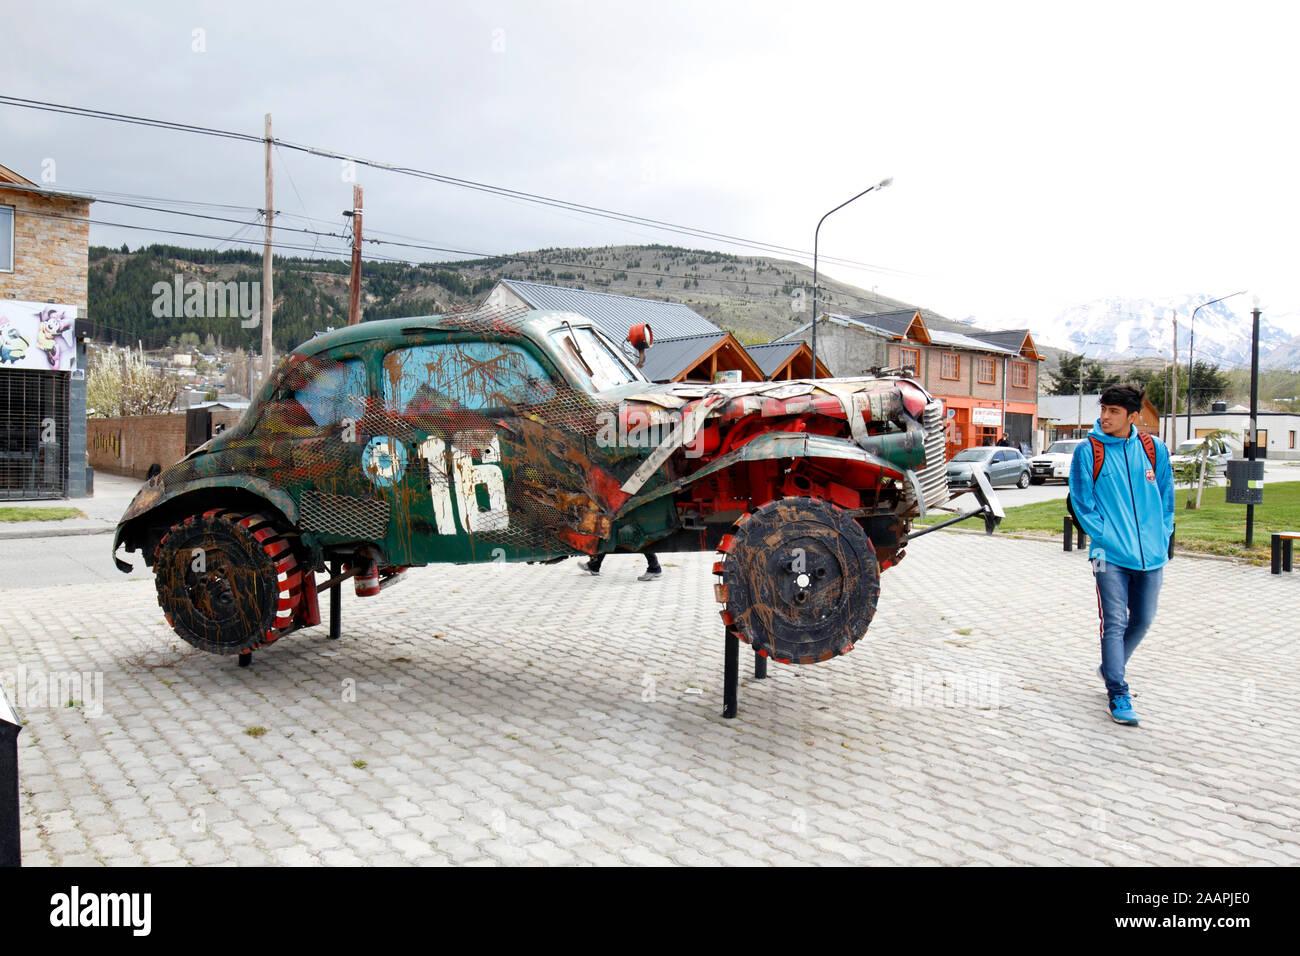 1940 Chevrolet monumento al Gran Premio del Sur 1942 in Argentina. Foto Stock